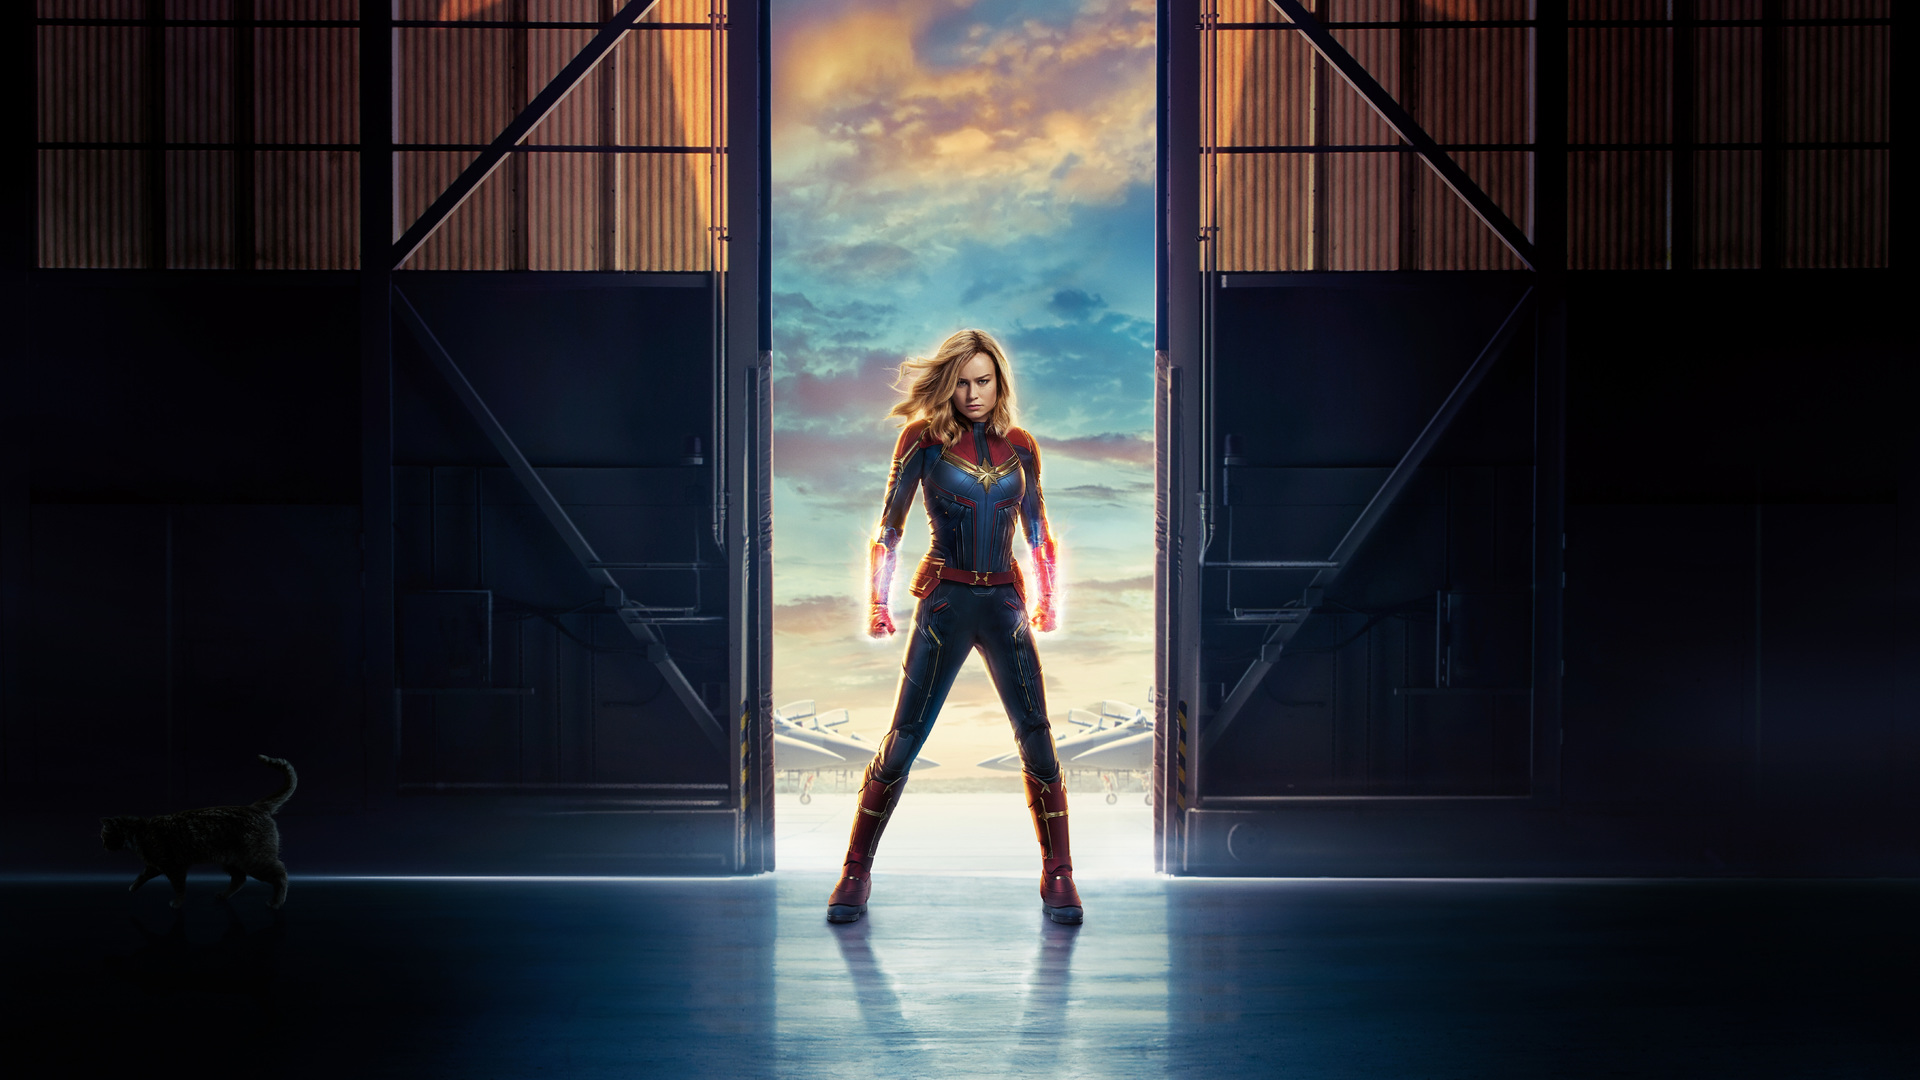 8. Captain Marvel